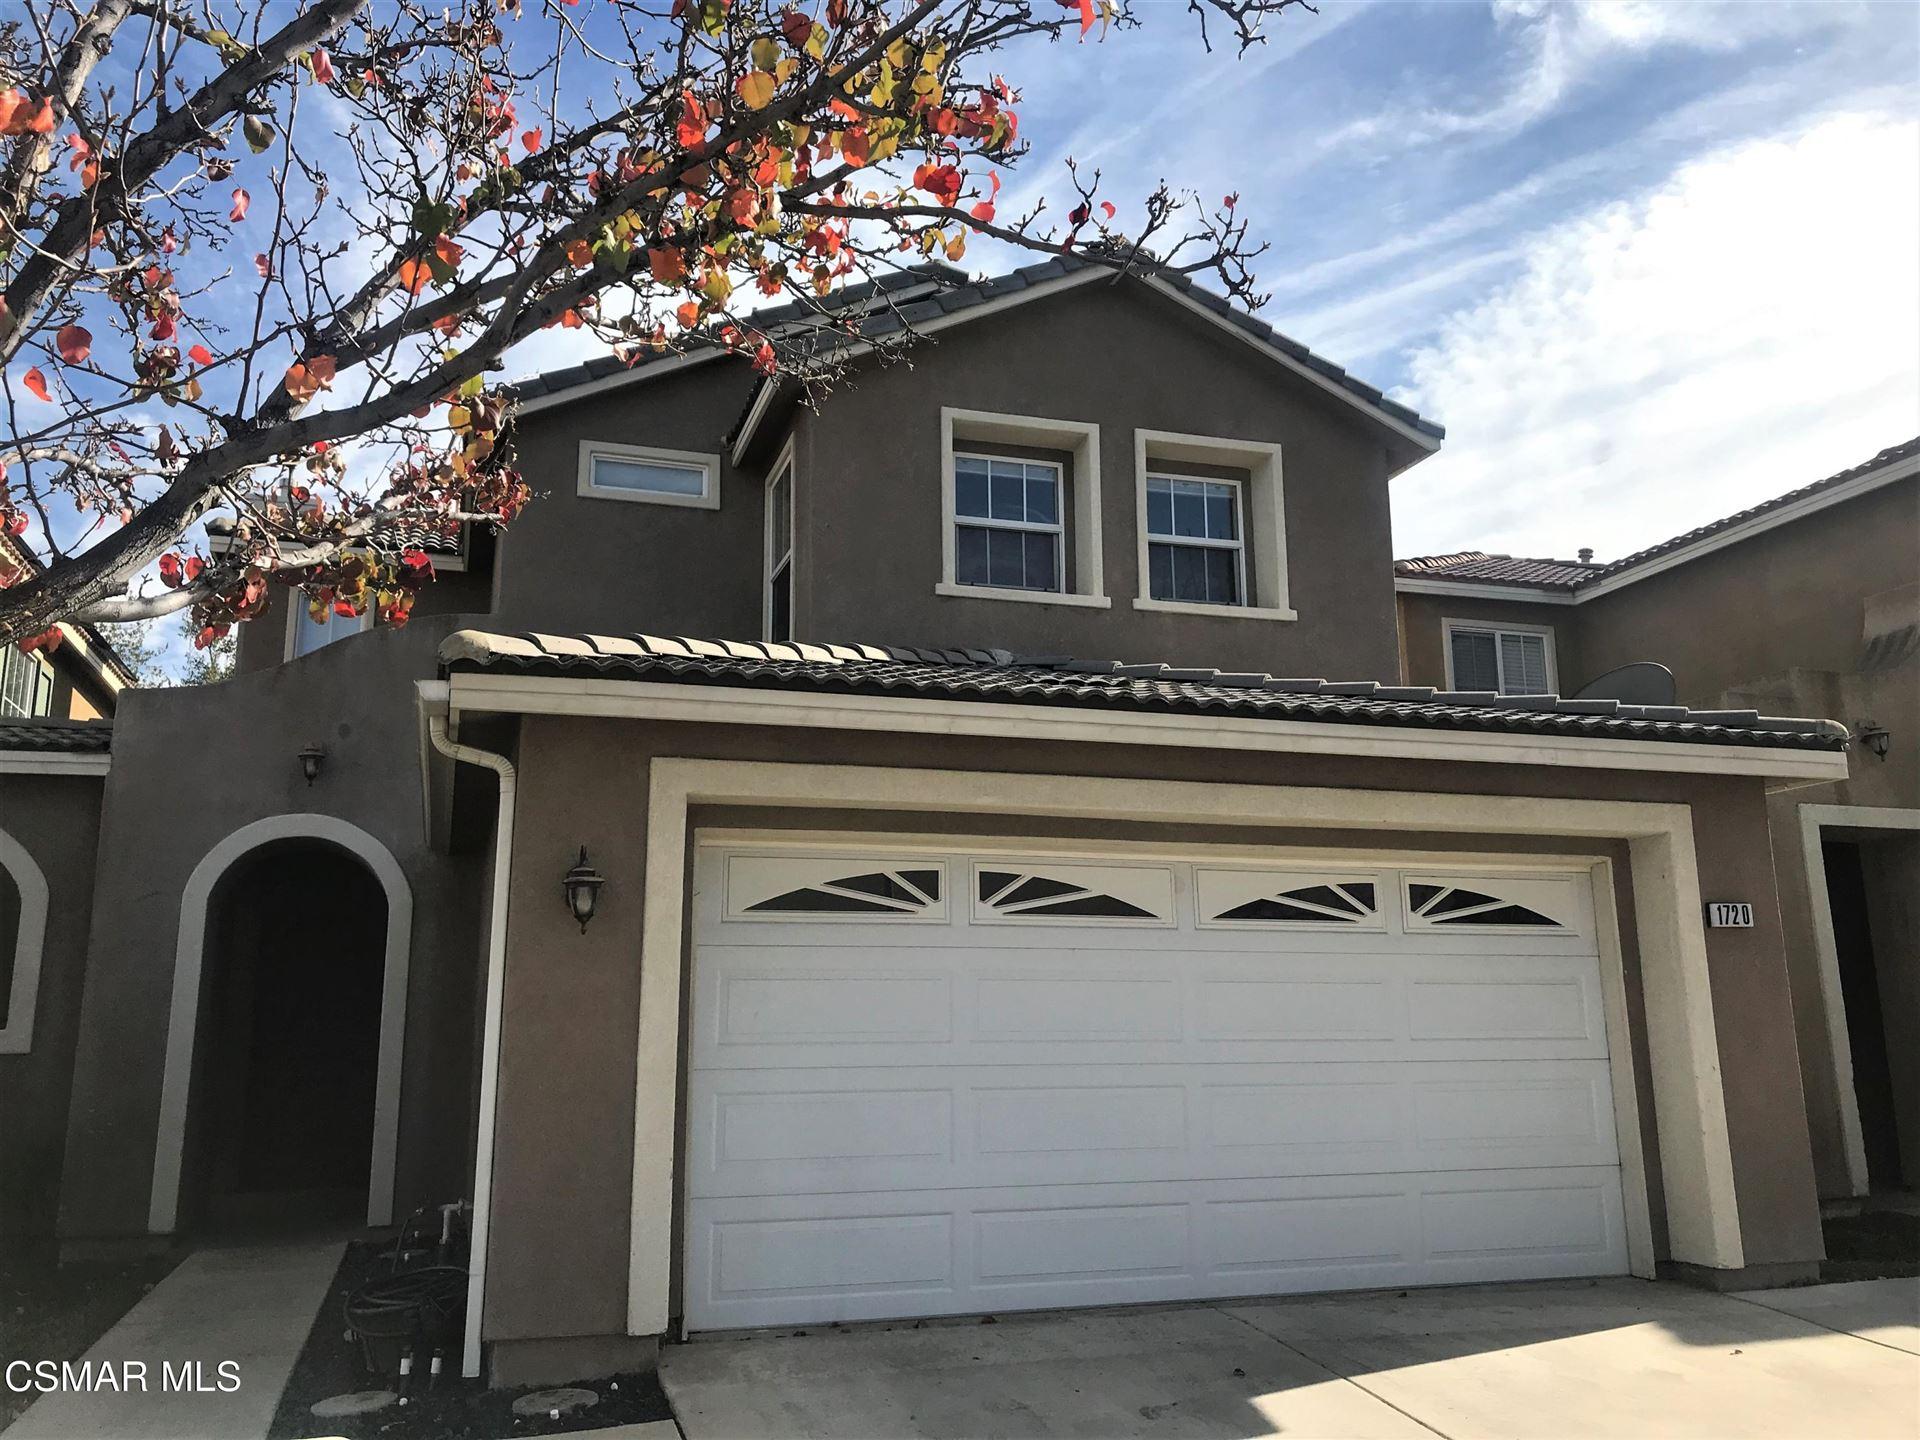 1720 Blazewood Street, Simi Valley, CA 93063 - MLS#: 221000132